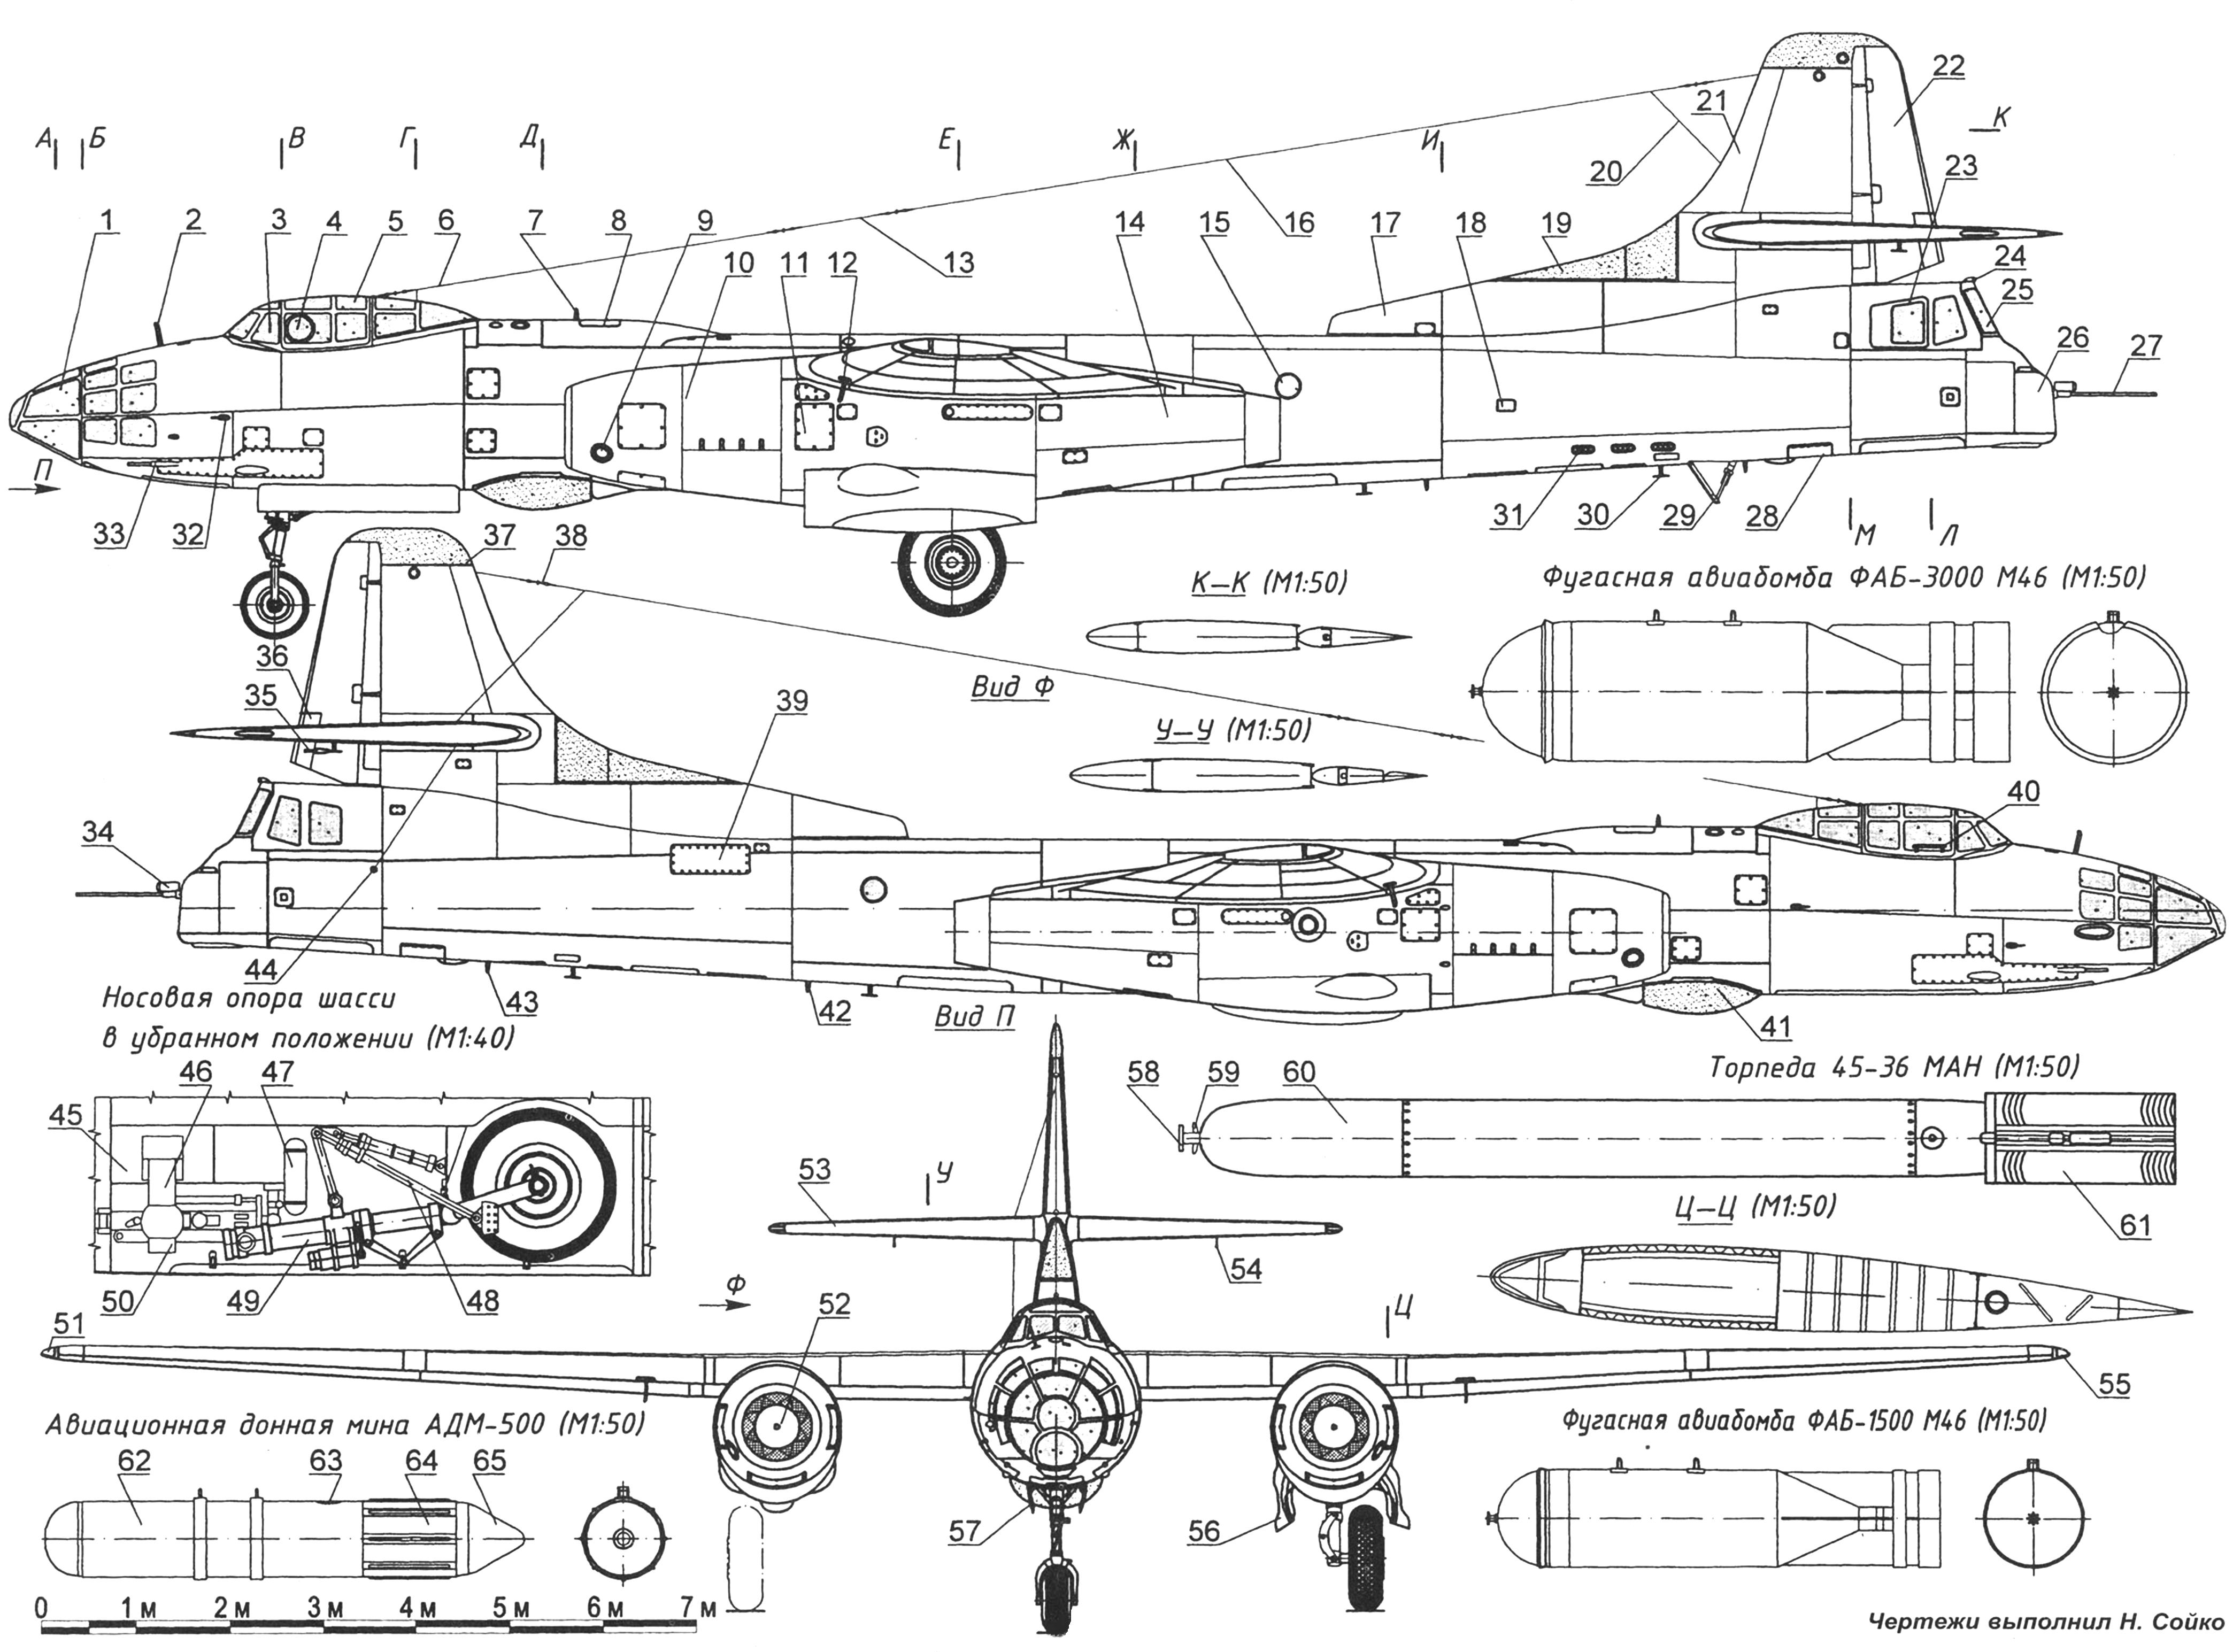 Бомбардировщик-торпедоносец Ту-14Т